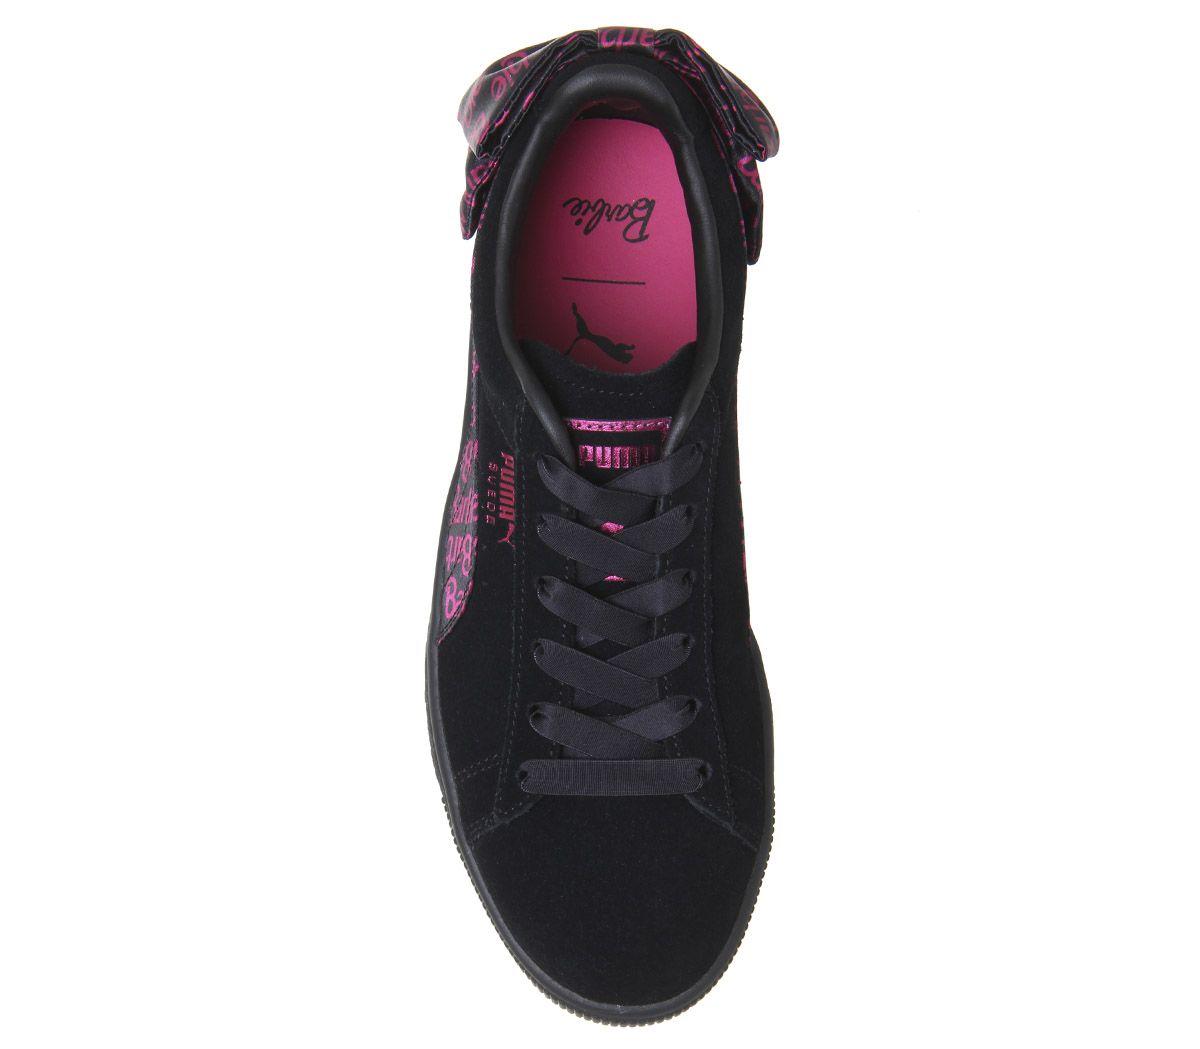 save off bebcd c1c52 Dettagli su Da Donna Puma Suede Classic Scarpe da ginnastica Barbie Team  oro nero Sneakers- mostra il titolo originale